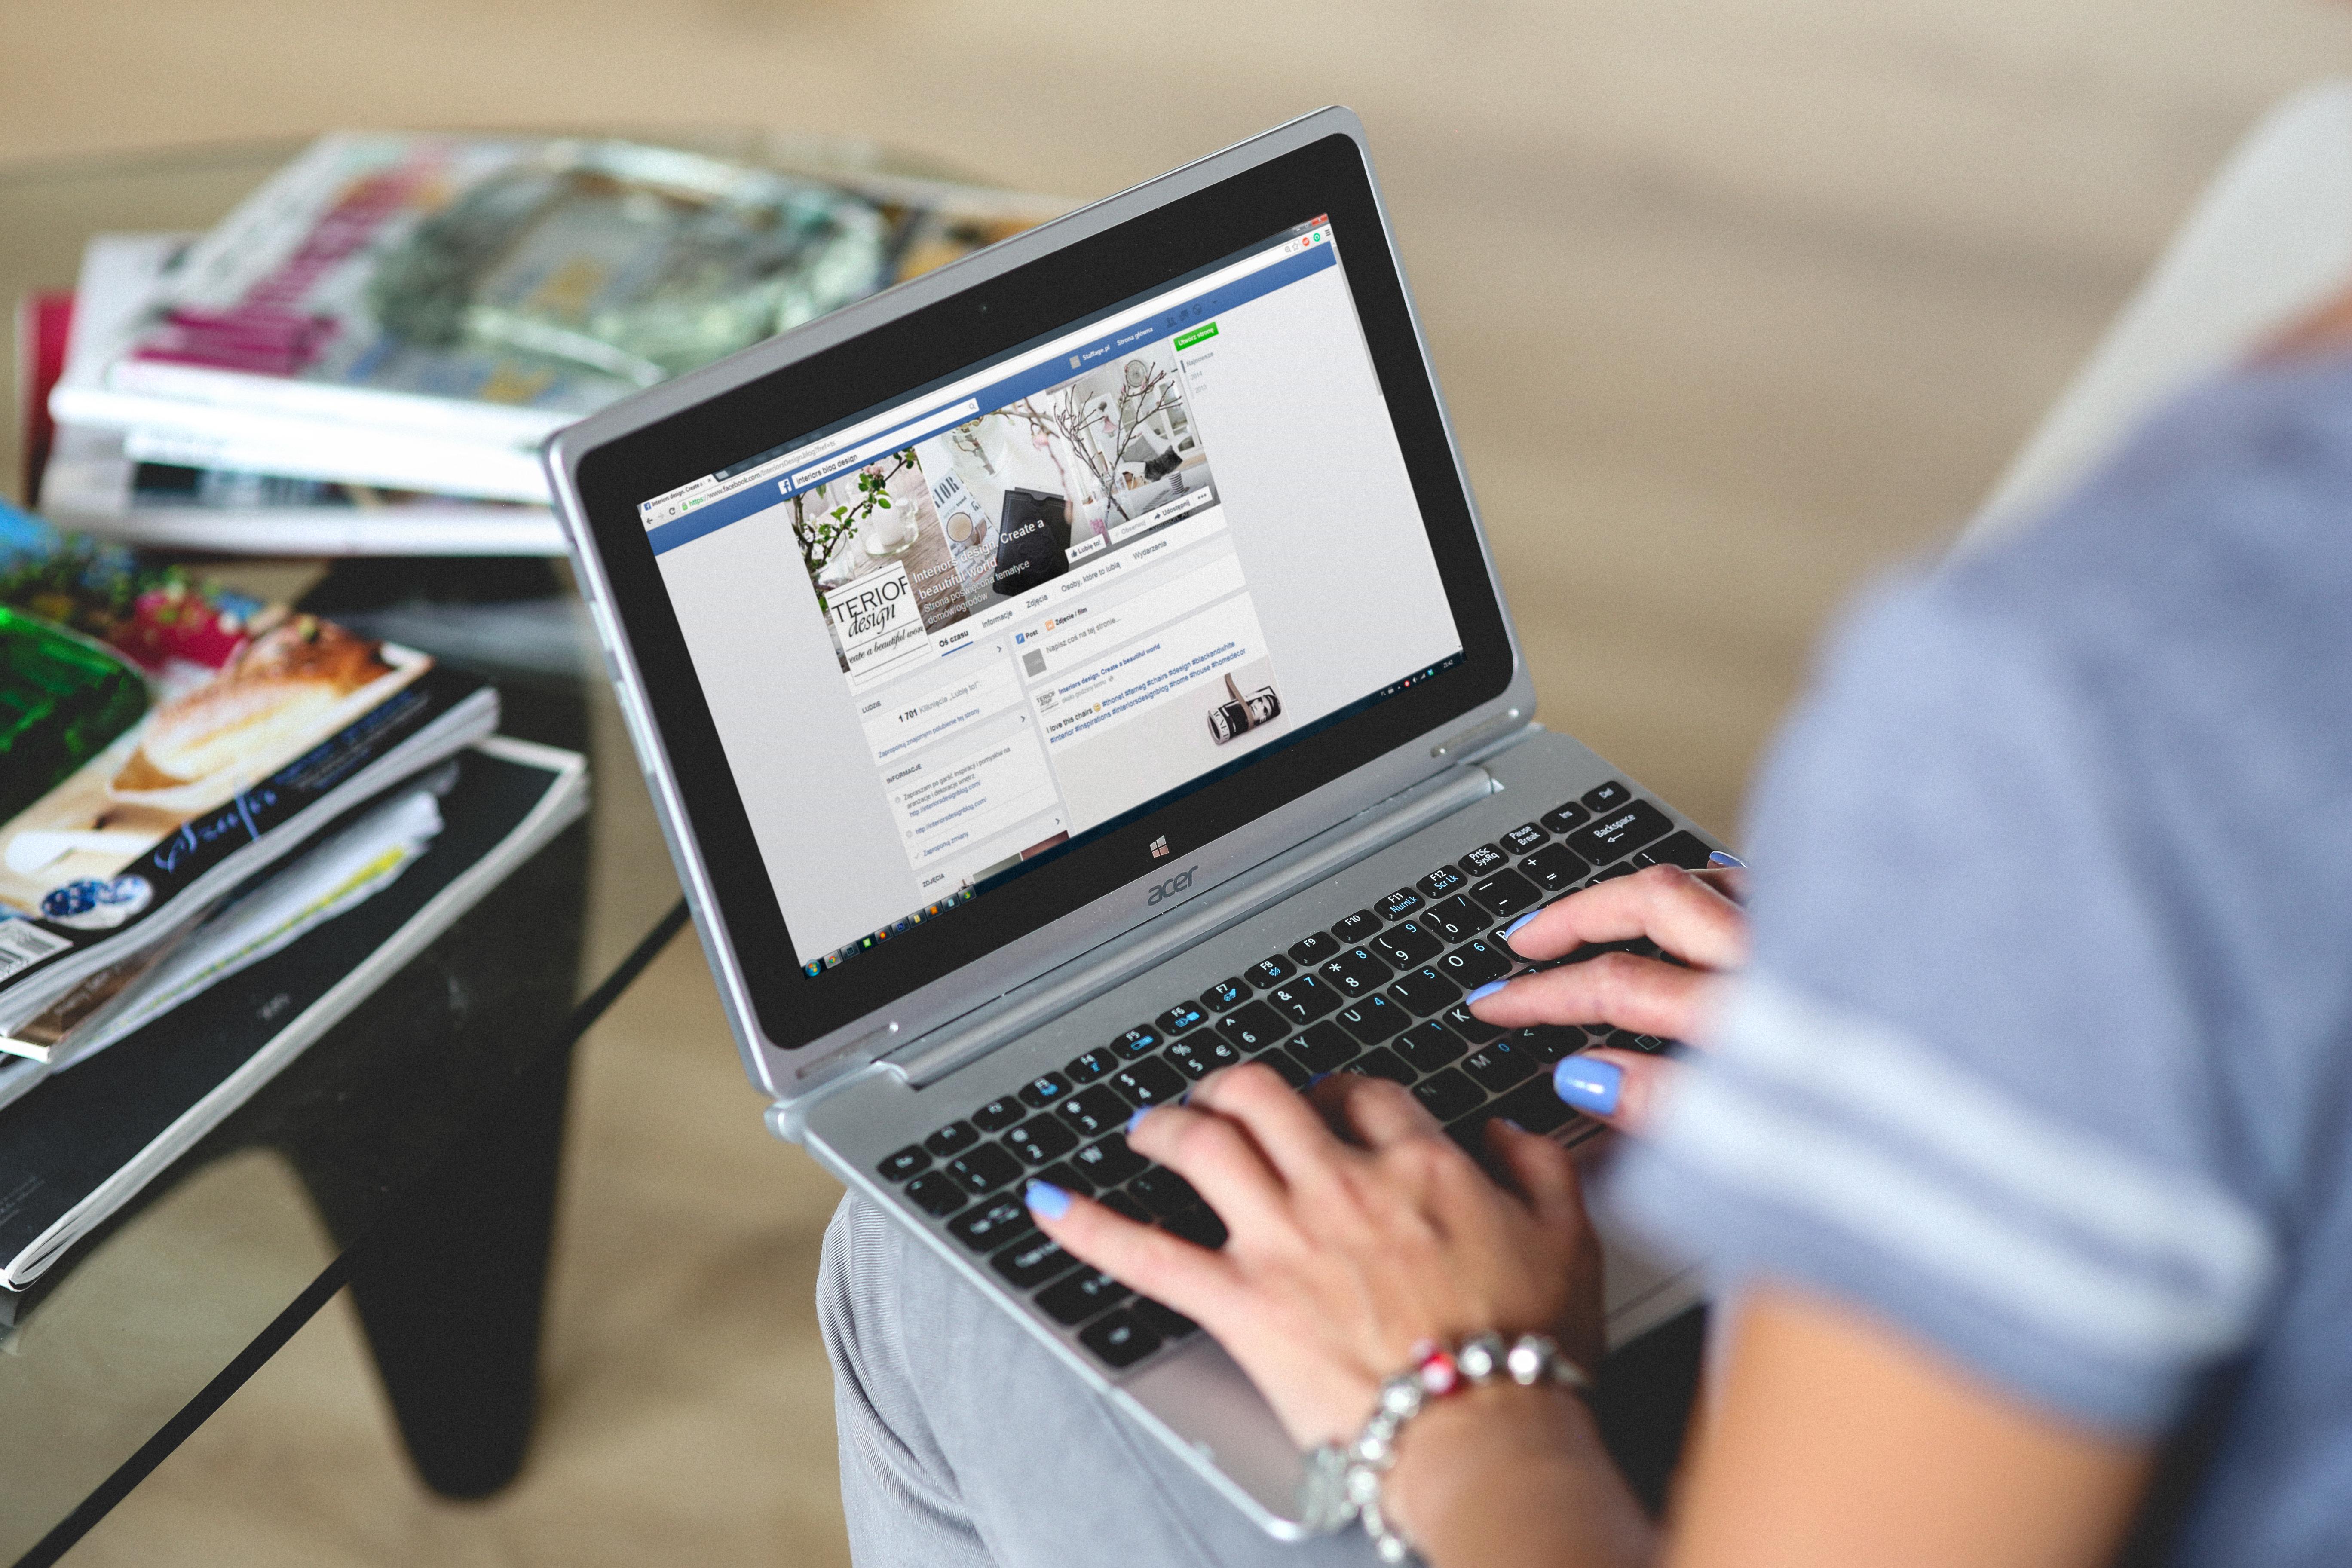 Comment booster votre page entreprise sur Facebook?